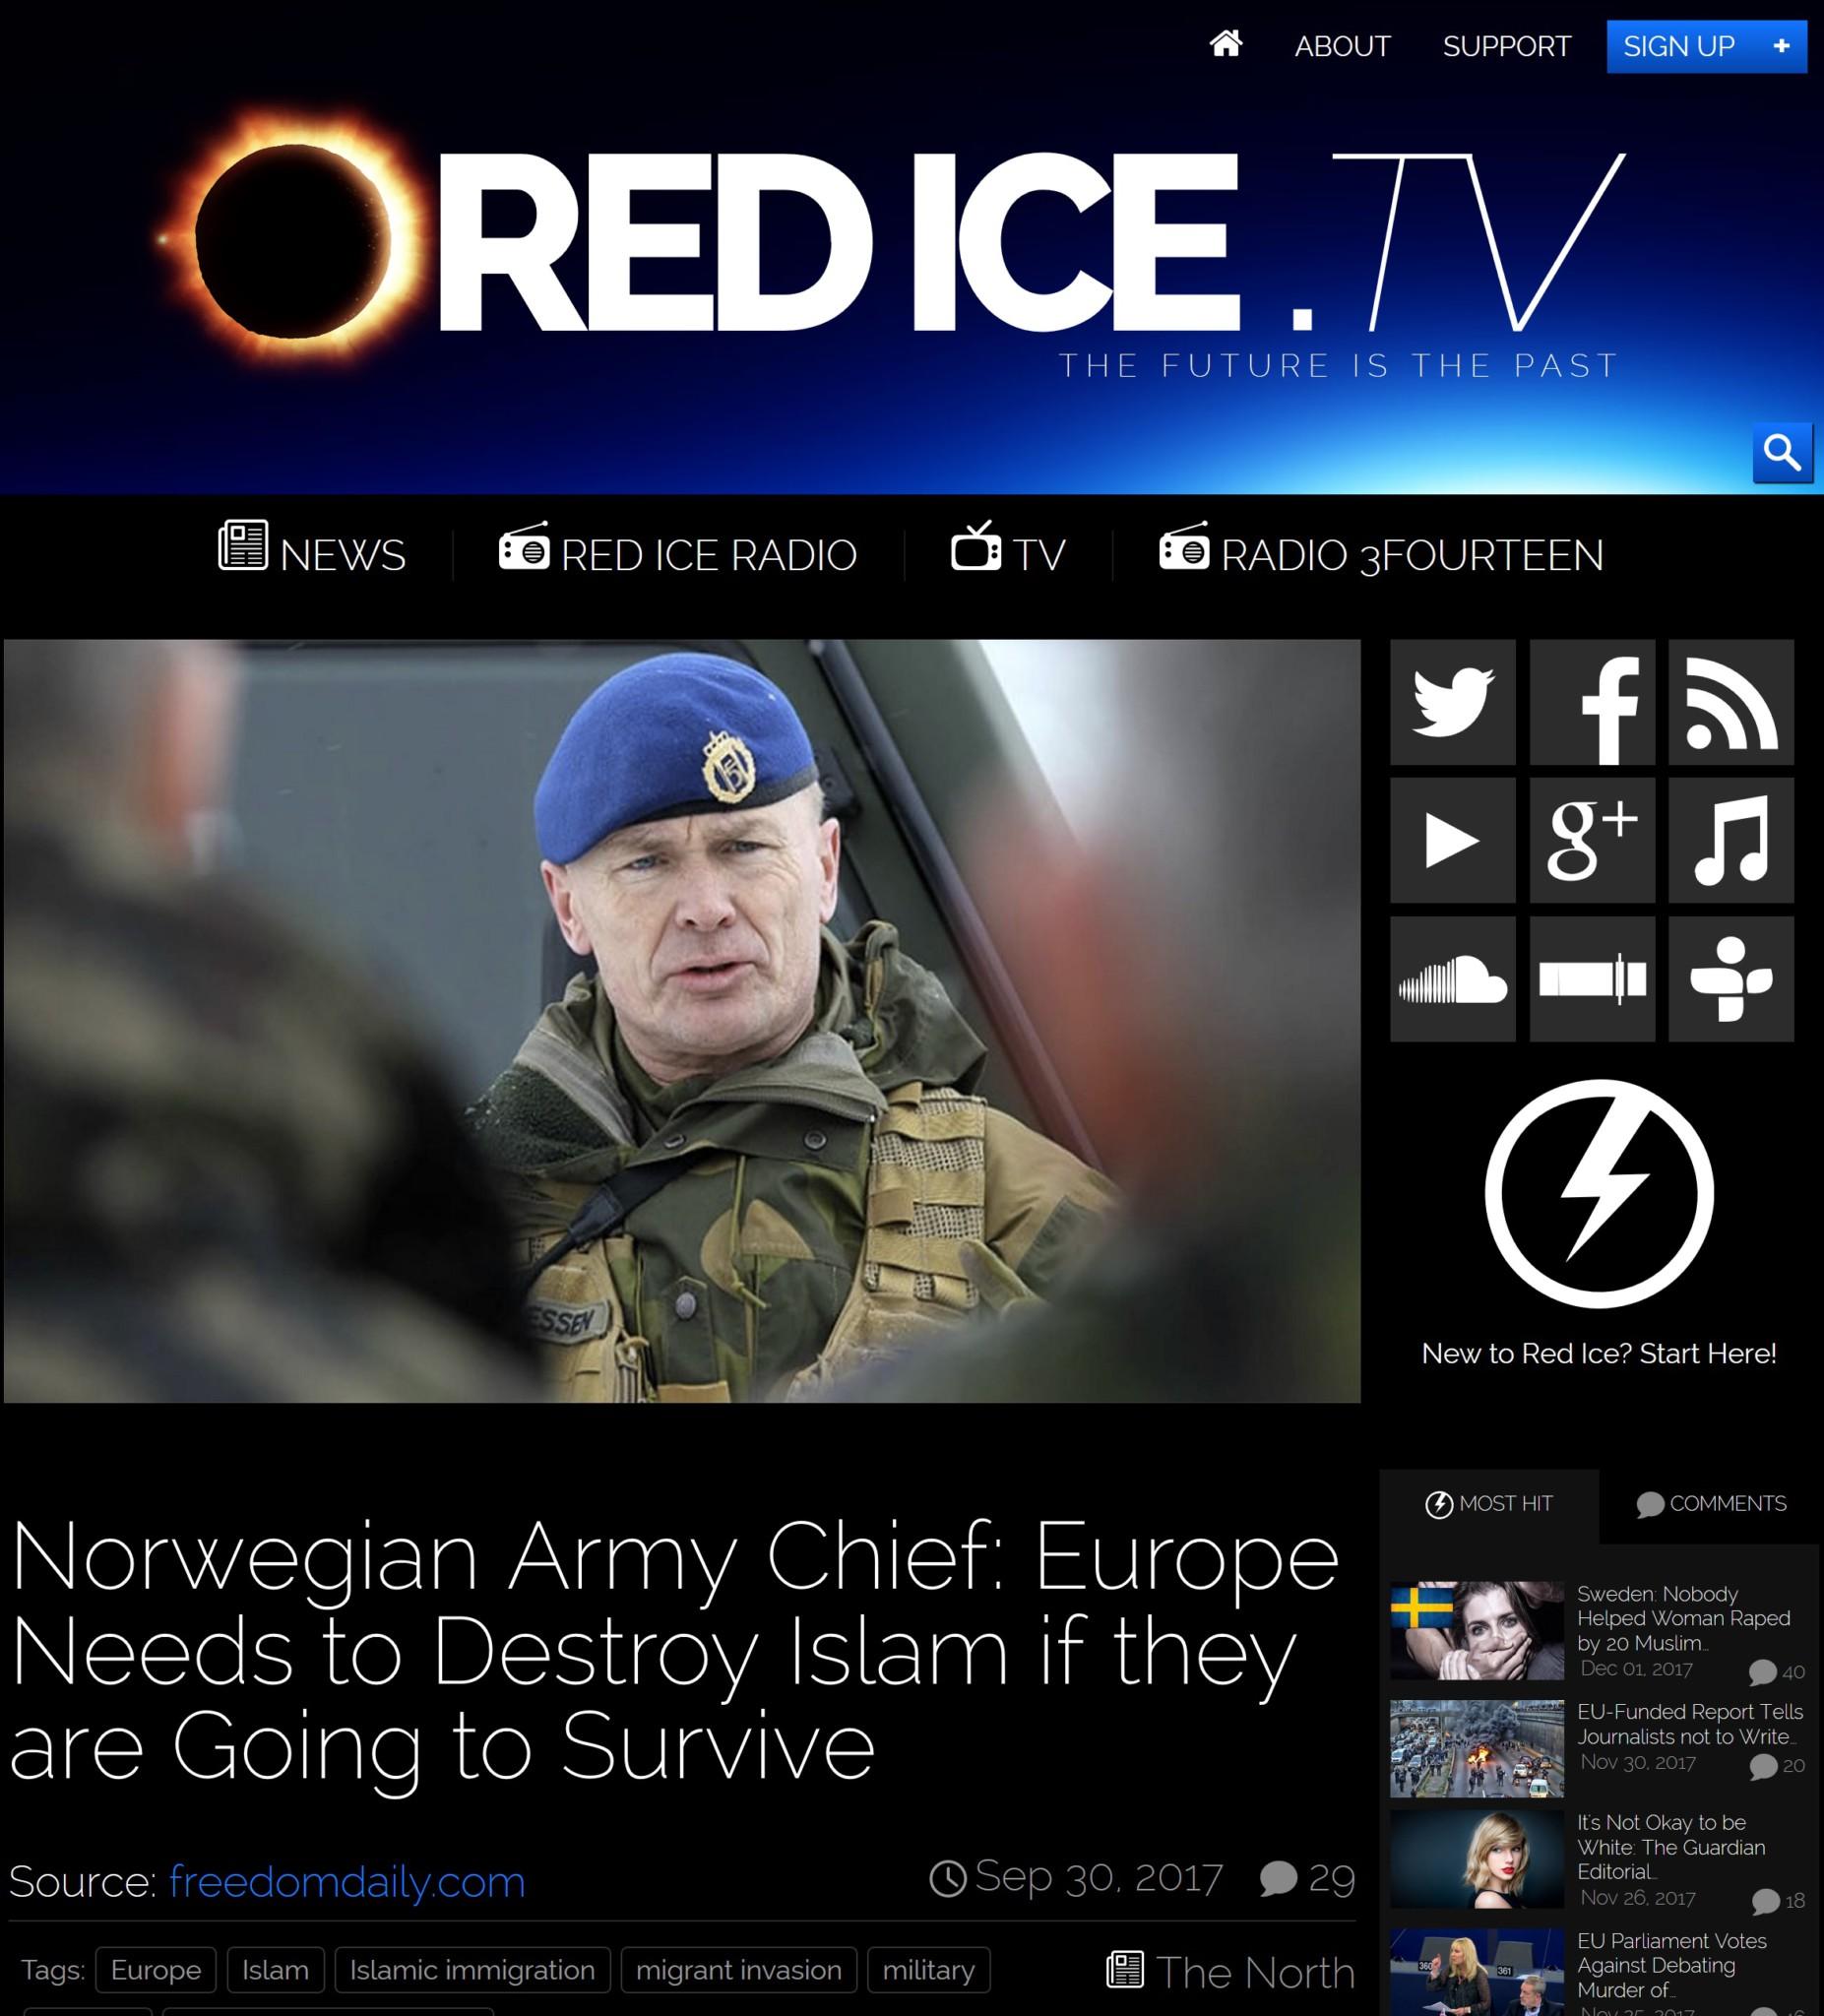 Russland trolig bak falske nyheter om hærsjef Odin Johannessen